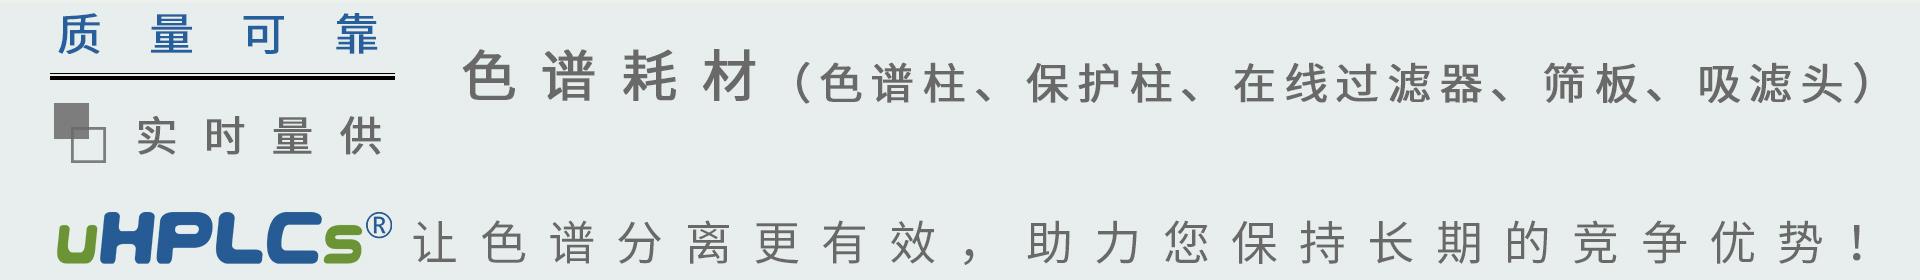 恒谱生中文官网理念